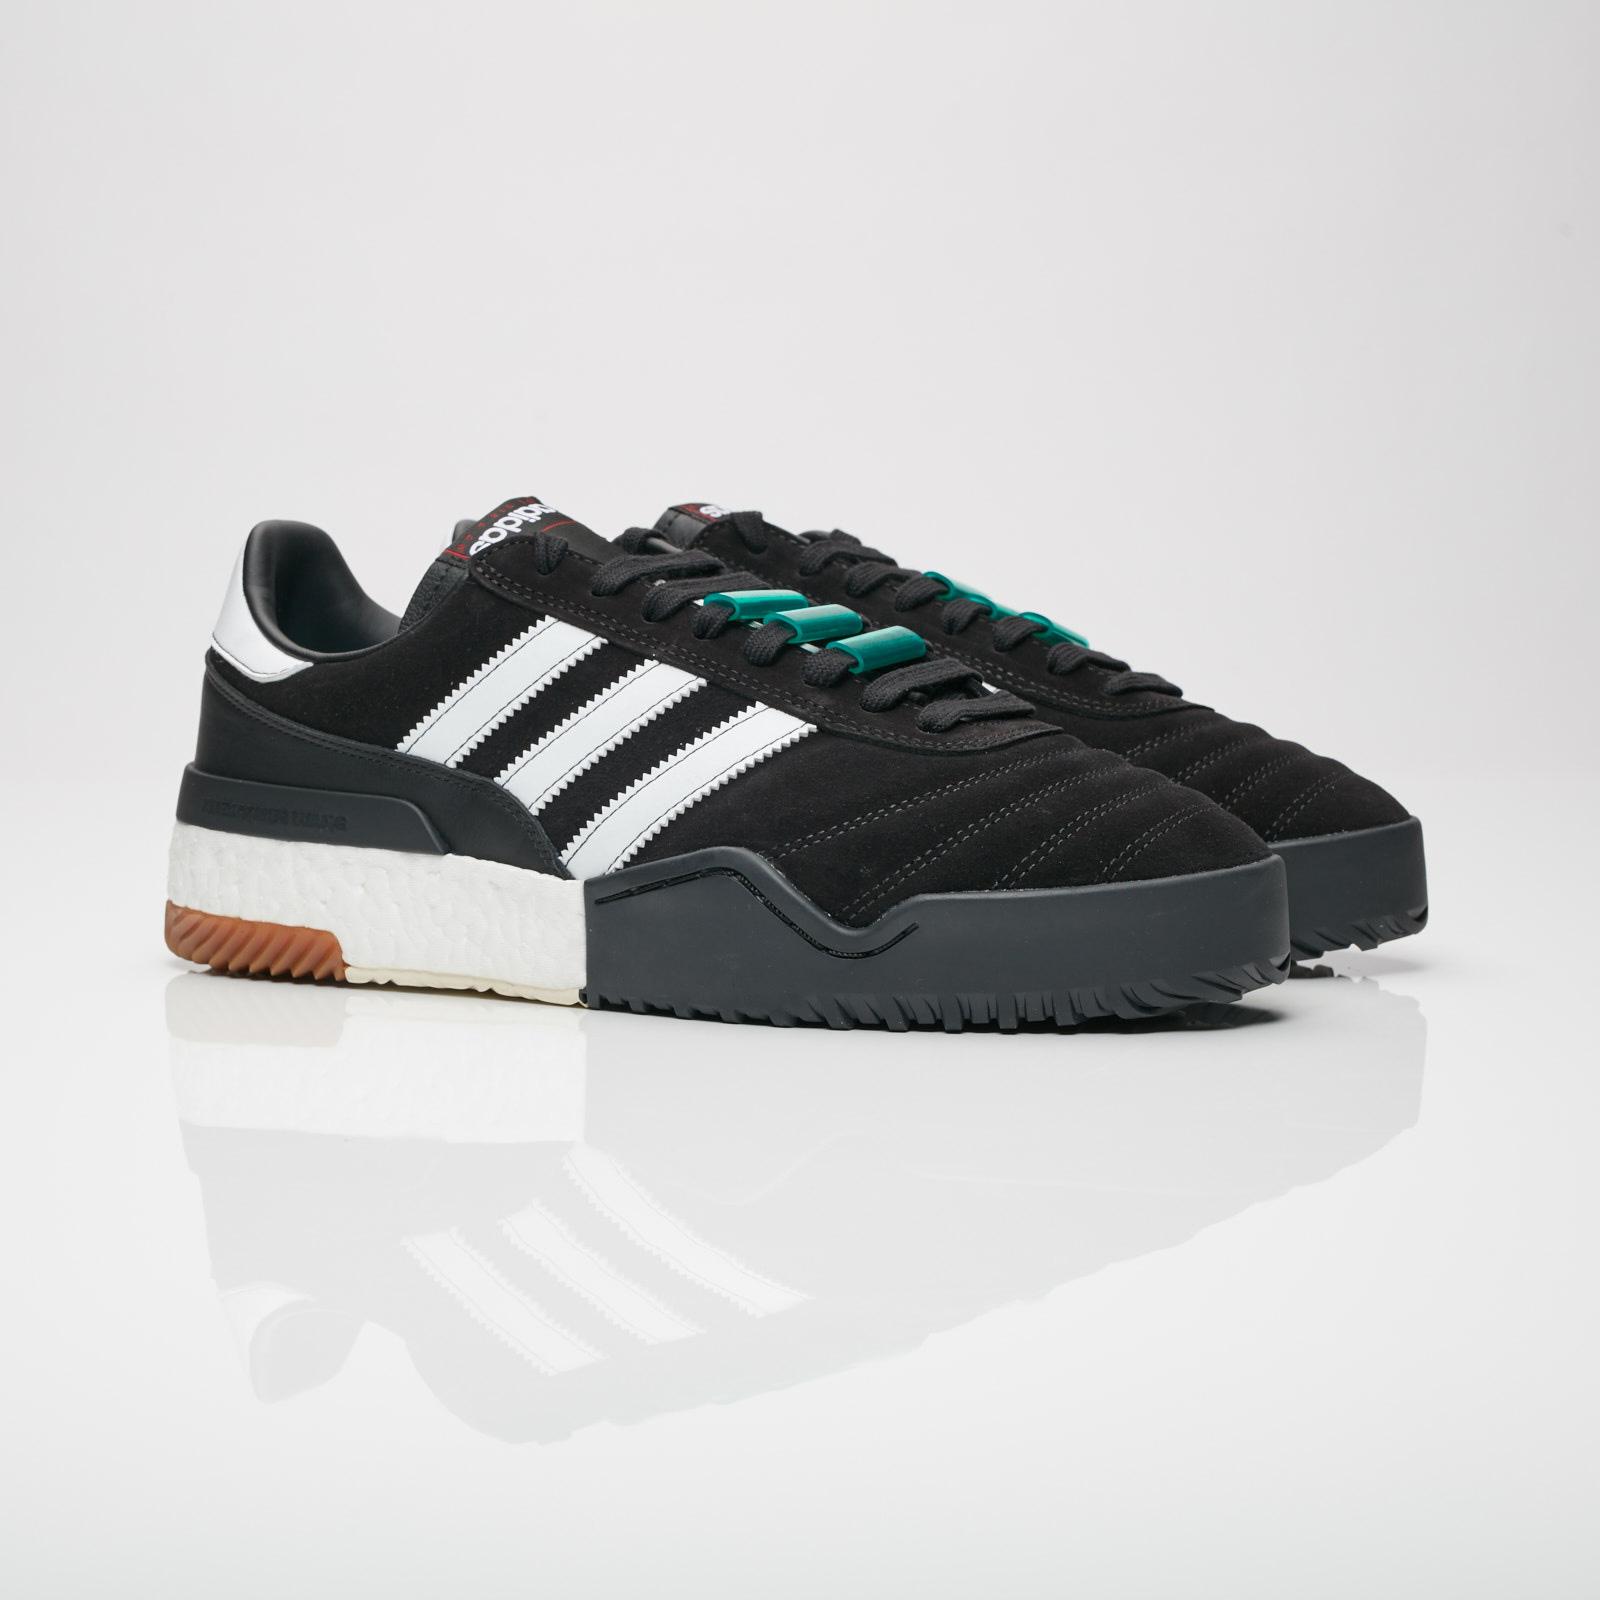 25ba746fd adidas Originals by Alexander Wang Bball Soccer